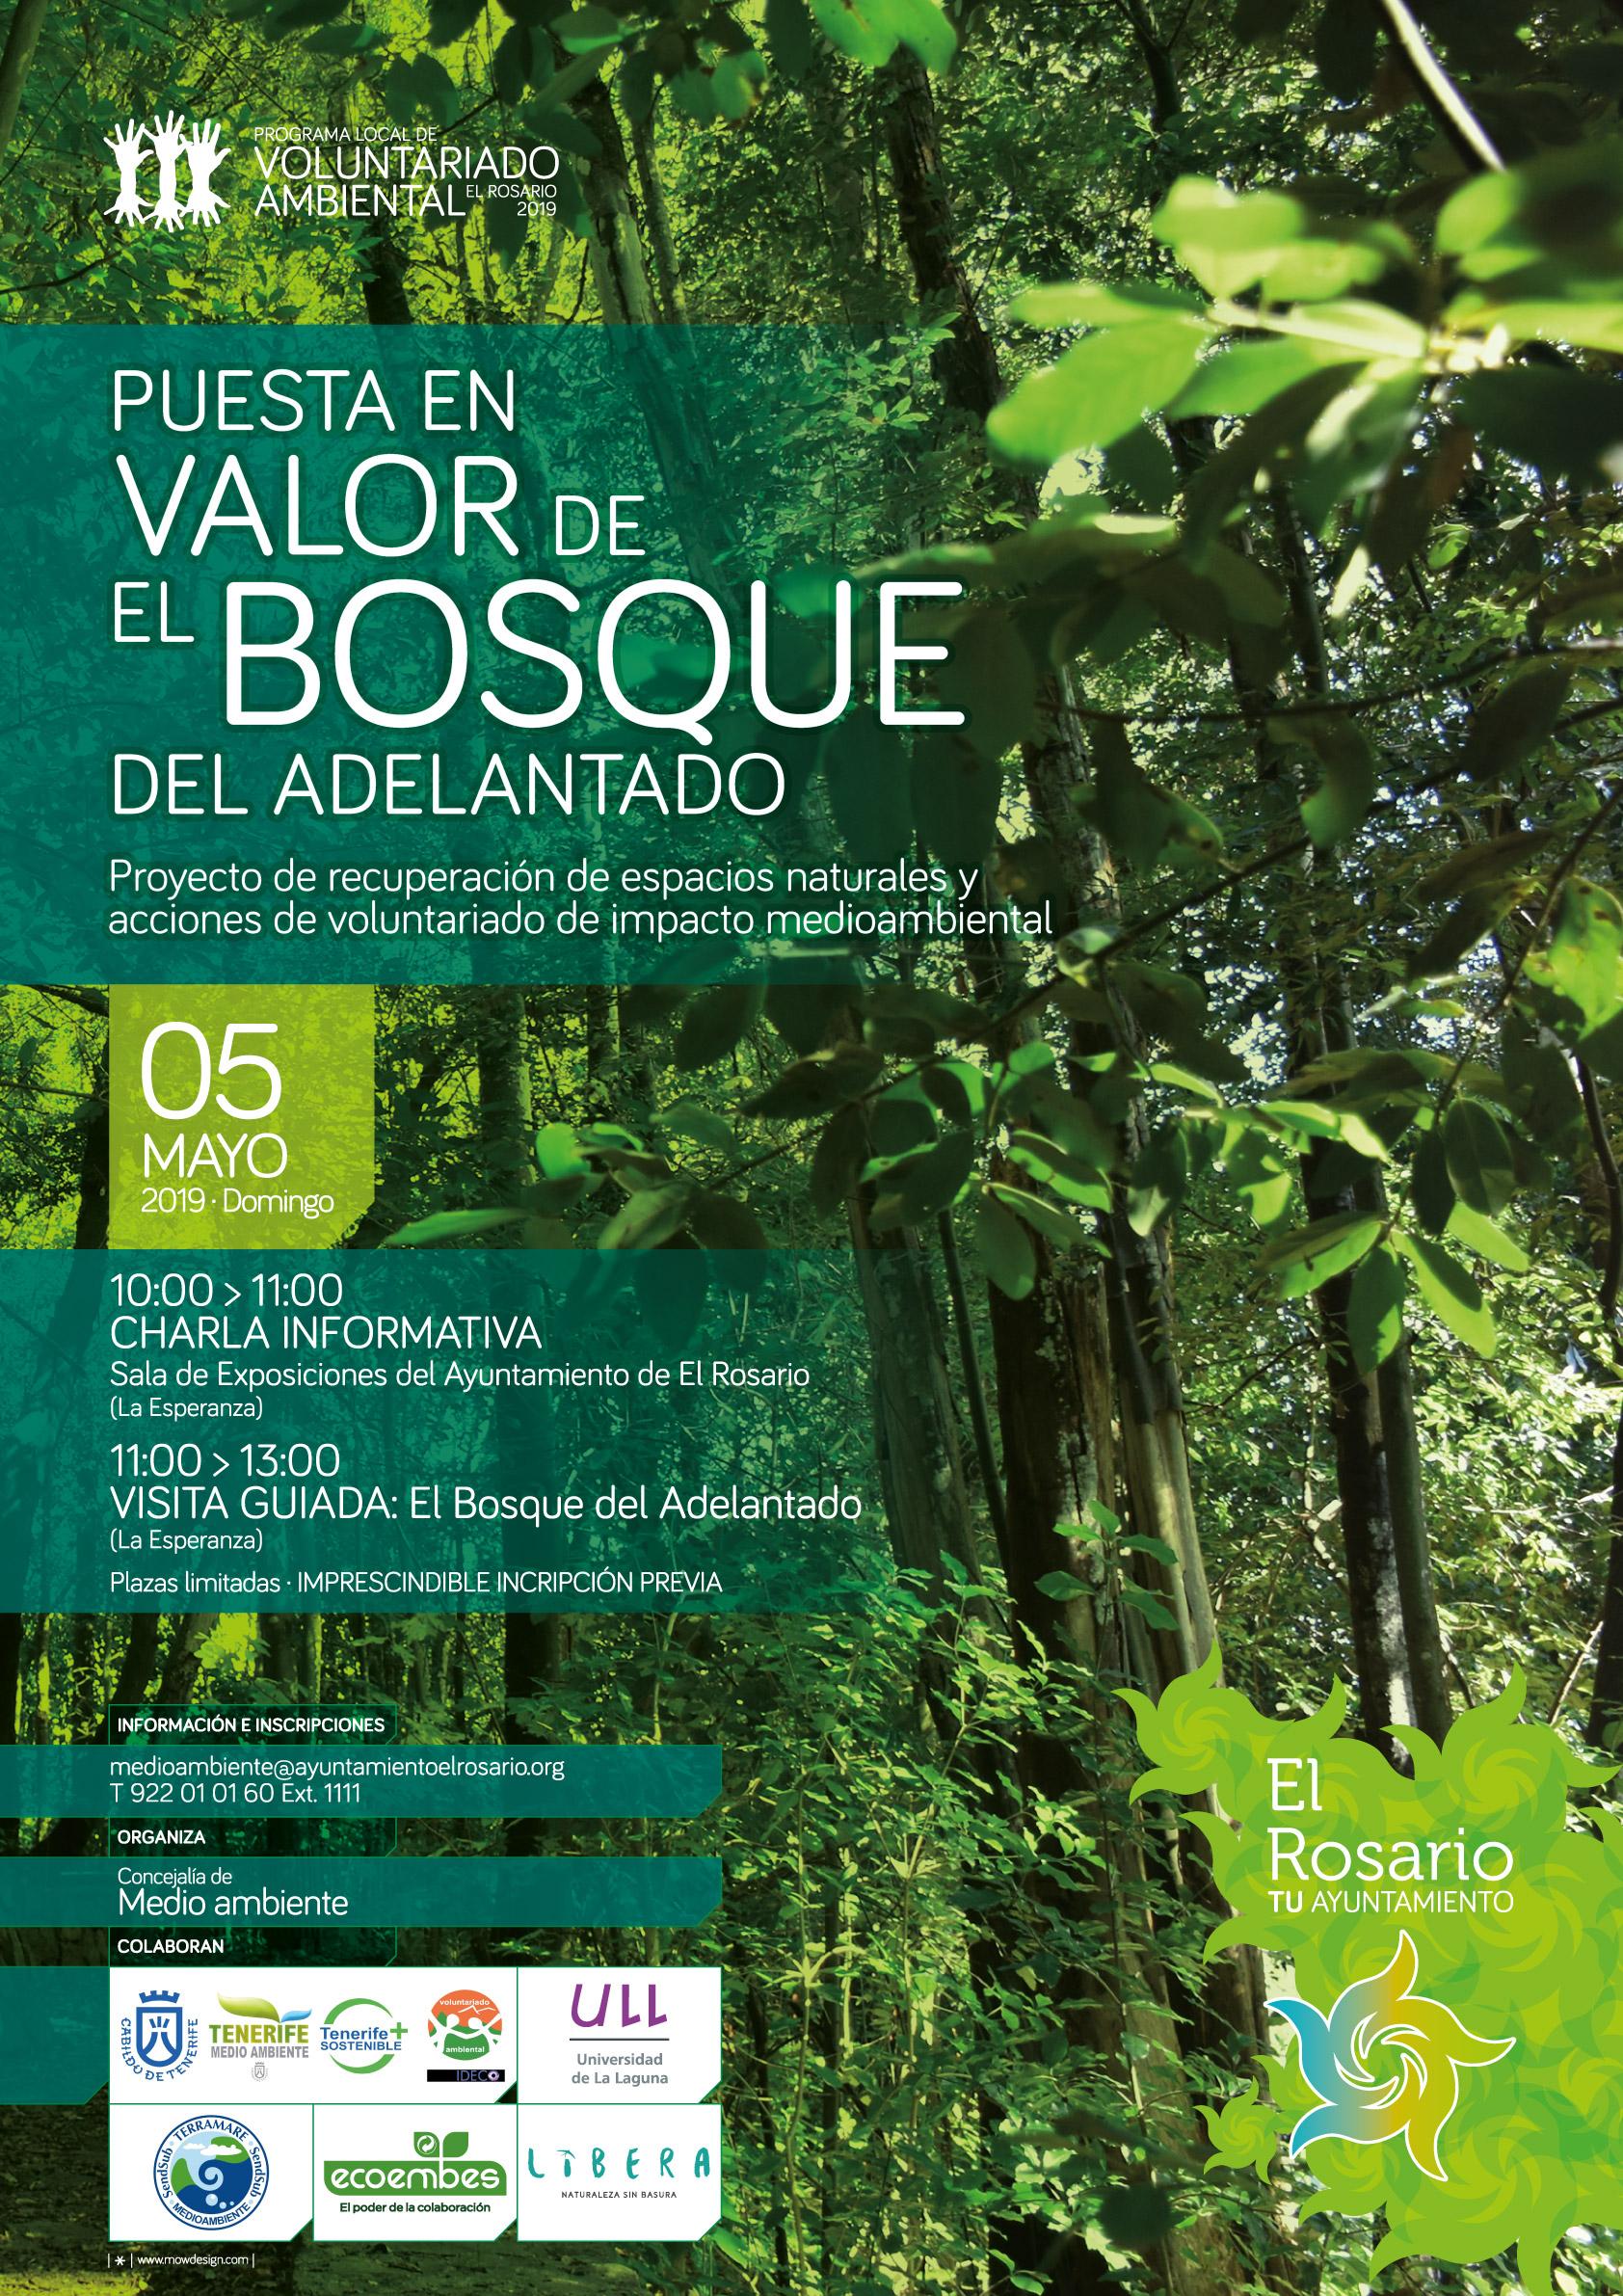 PUESTA_EN_VALOR_BOSQUE_DEL_ADELANTADO_20190505-CARTEL_a3-20190425-01af-redes